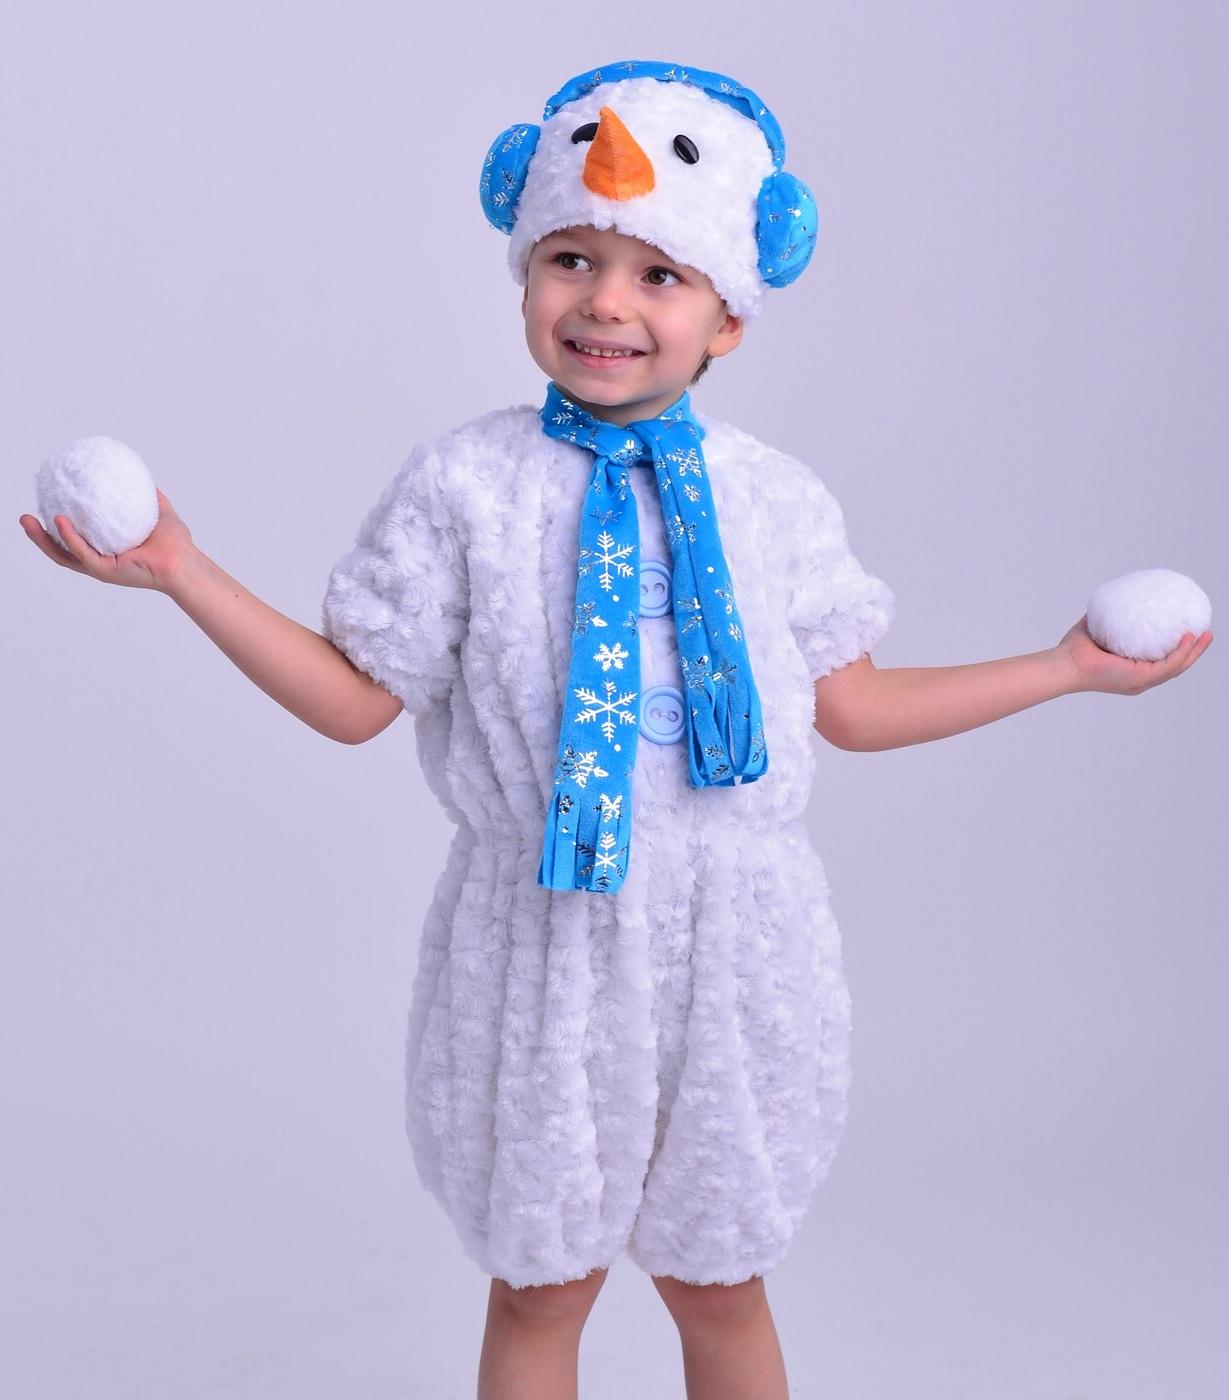 Делаем своими руками новогодний костюм снеговика для мальчика